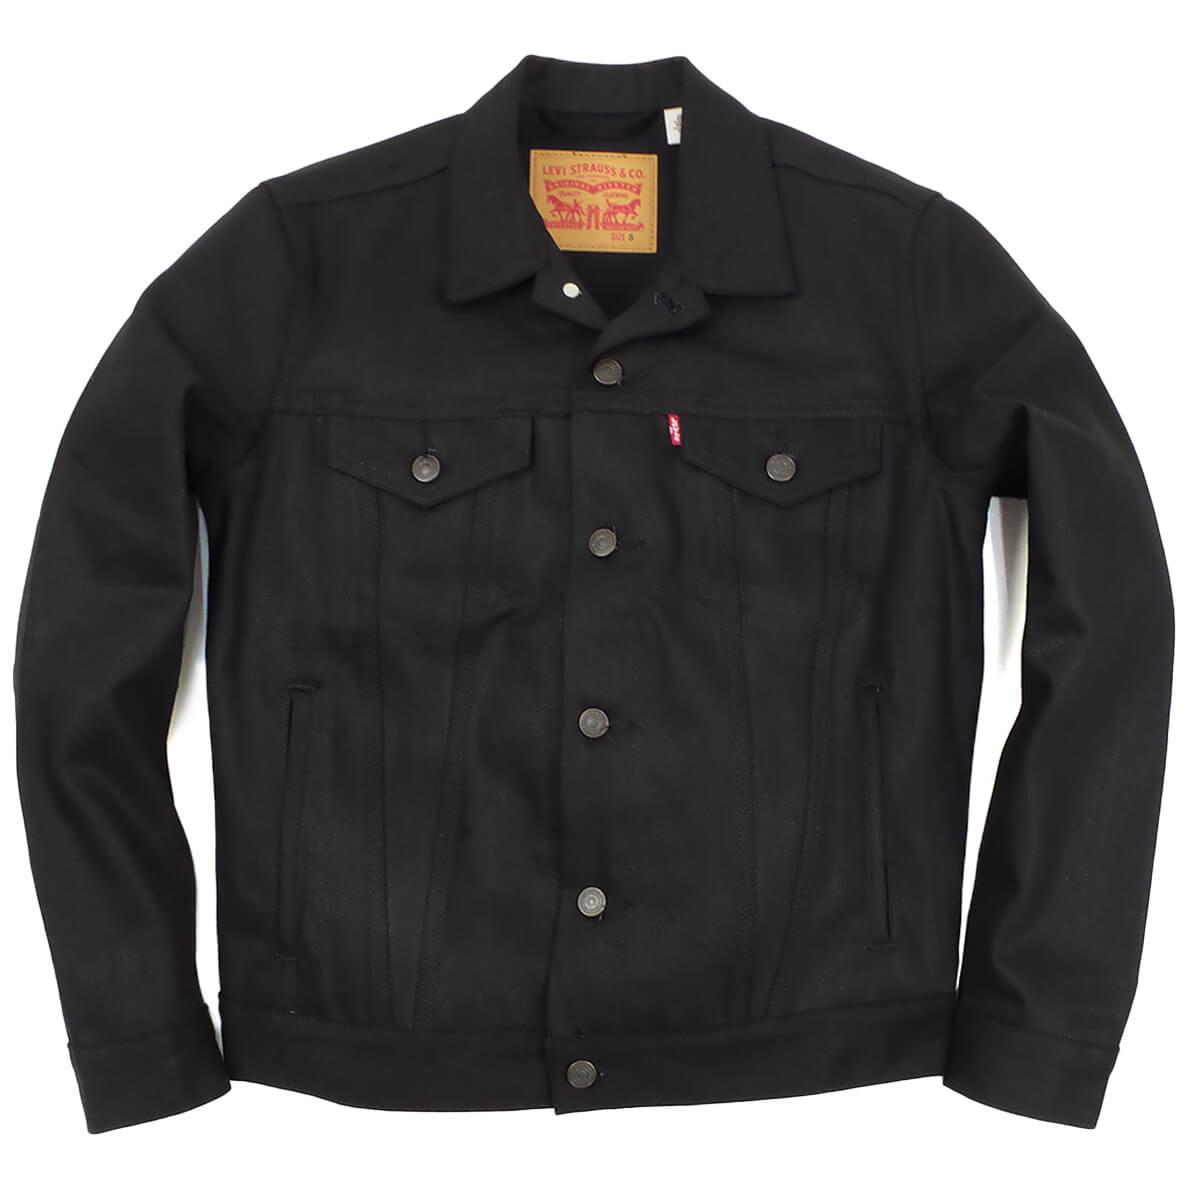 リーバイス LEVI'S #72334 デニムジャケット ザ・トラッカー ポリッシュド ブラック(THE TRUCKER 3RD ジージャン)